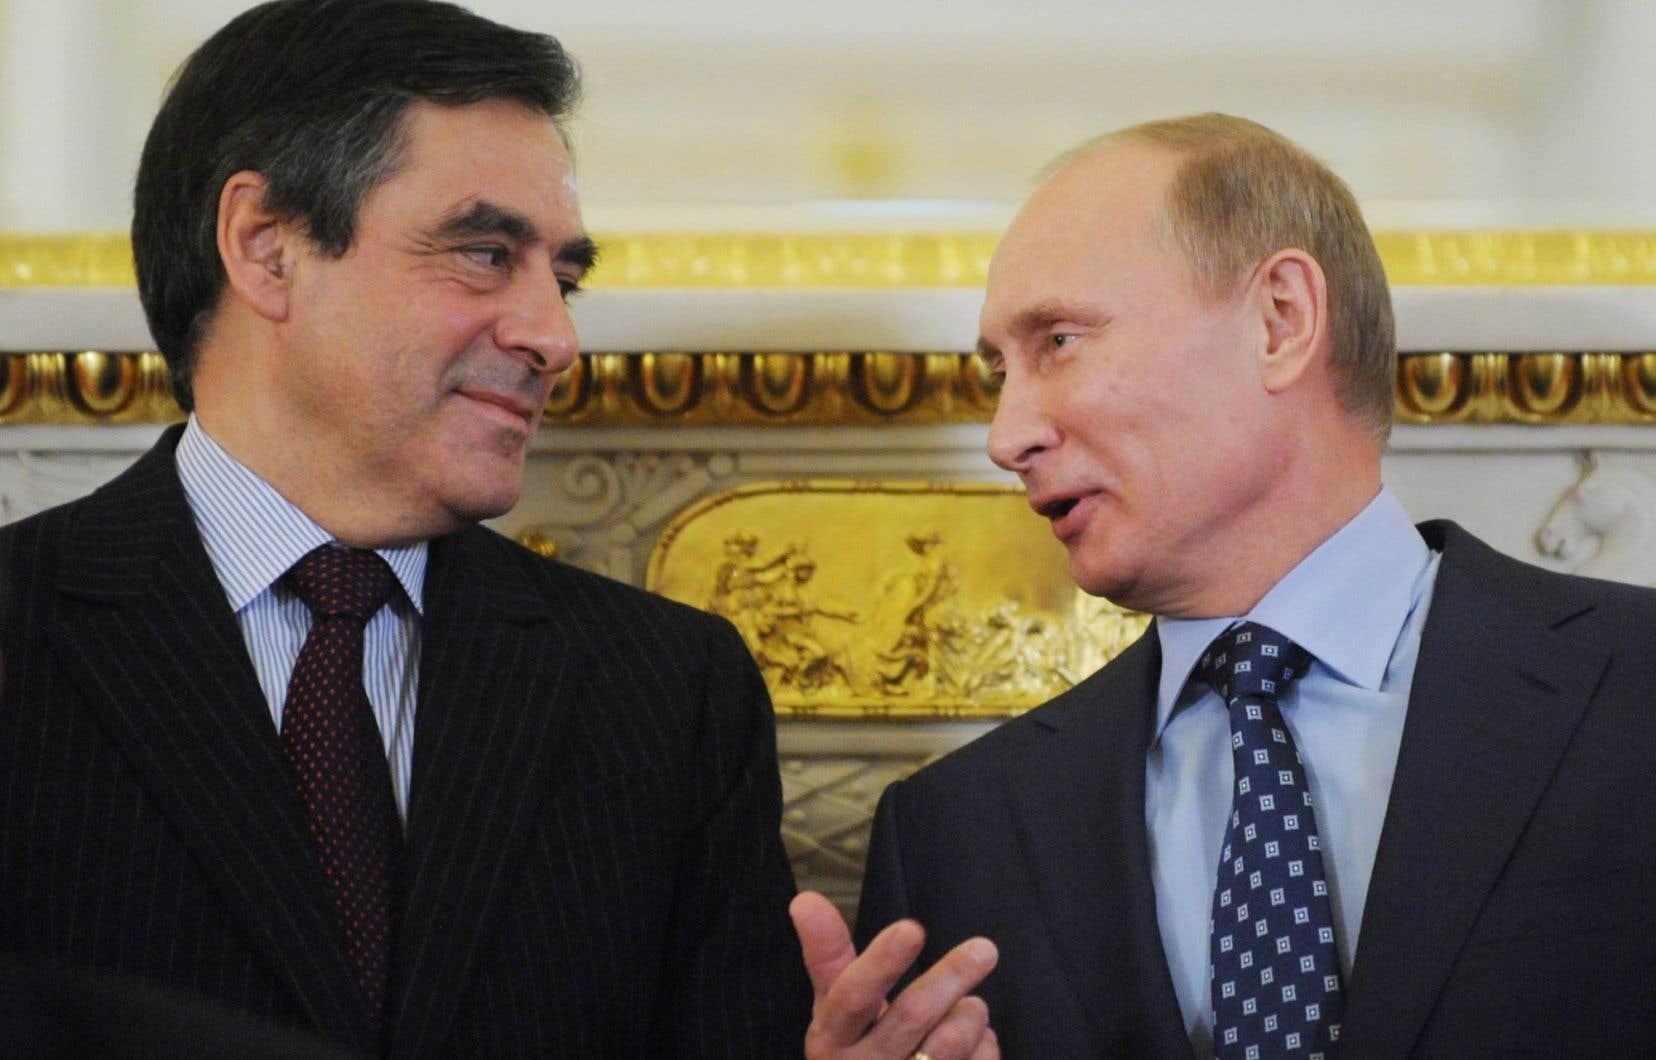 François Fillon et Vladimir Poutine s'étaient déjà rencontrés en novembre 2011, alors qu'ils occupaient tous deux le poste de premier ministre de leur gouvernement respectif.